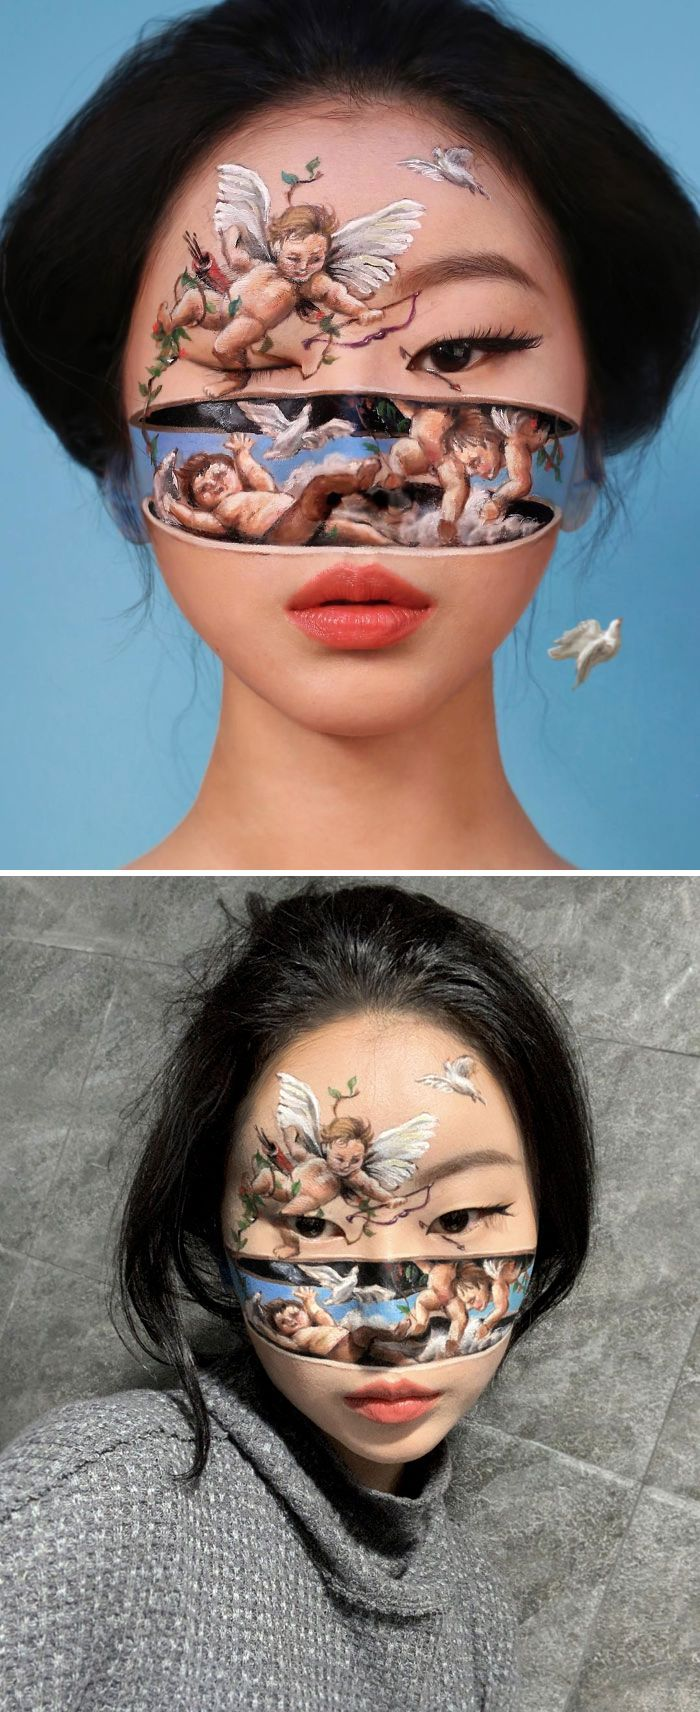 O que este artista faz com o rosto dela mexe seriamente com a sua mente (36 fotos) 28